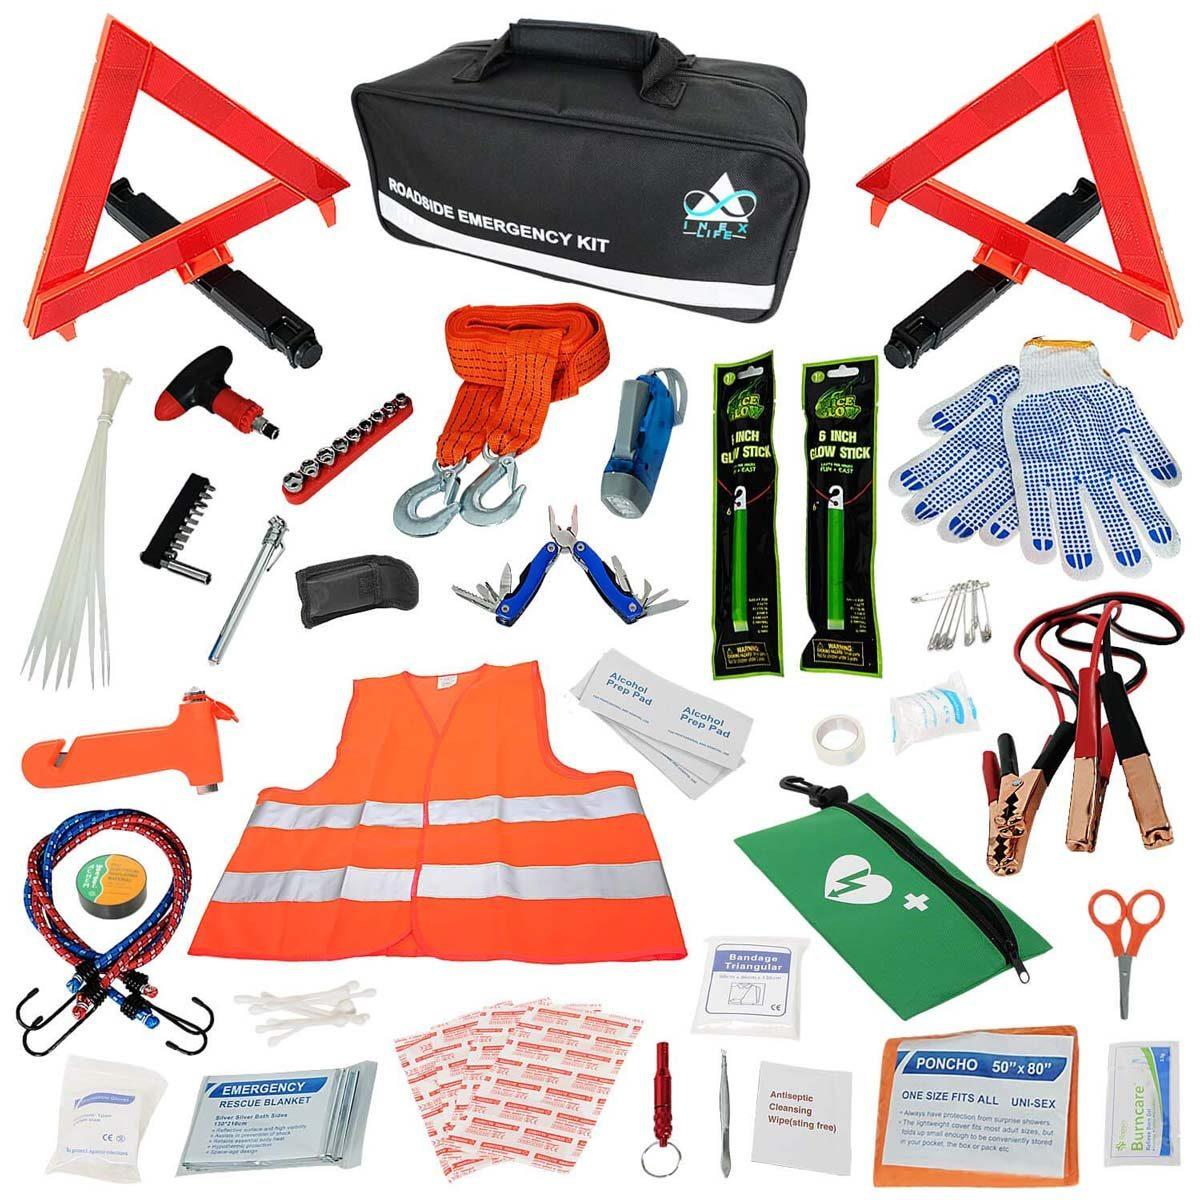 Car Emergency Roadside Assistance Kit